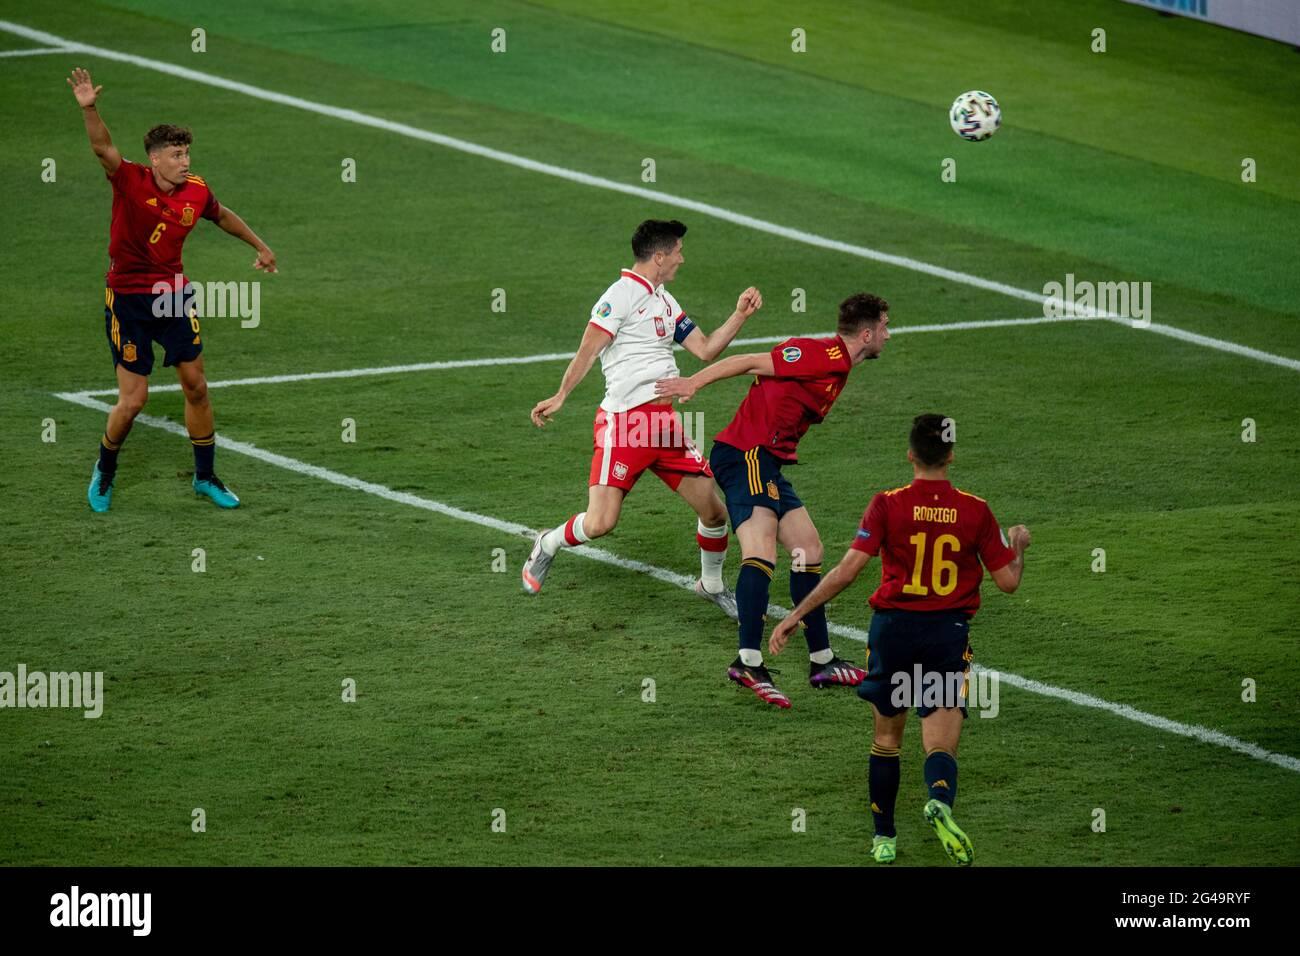 Séville, Espagne. 19 juin 2021. Robert Lewandowski (2e L) de Pologne marque le but lors du match du Groupe E entre l'Espagne et la Pologne à l'Euro 2020 de l'UEFA à Séville, Espagne, le 19 juin 2021. Credit: Meng Dingbo/Xinhua/Alay Live News Banque D'Images